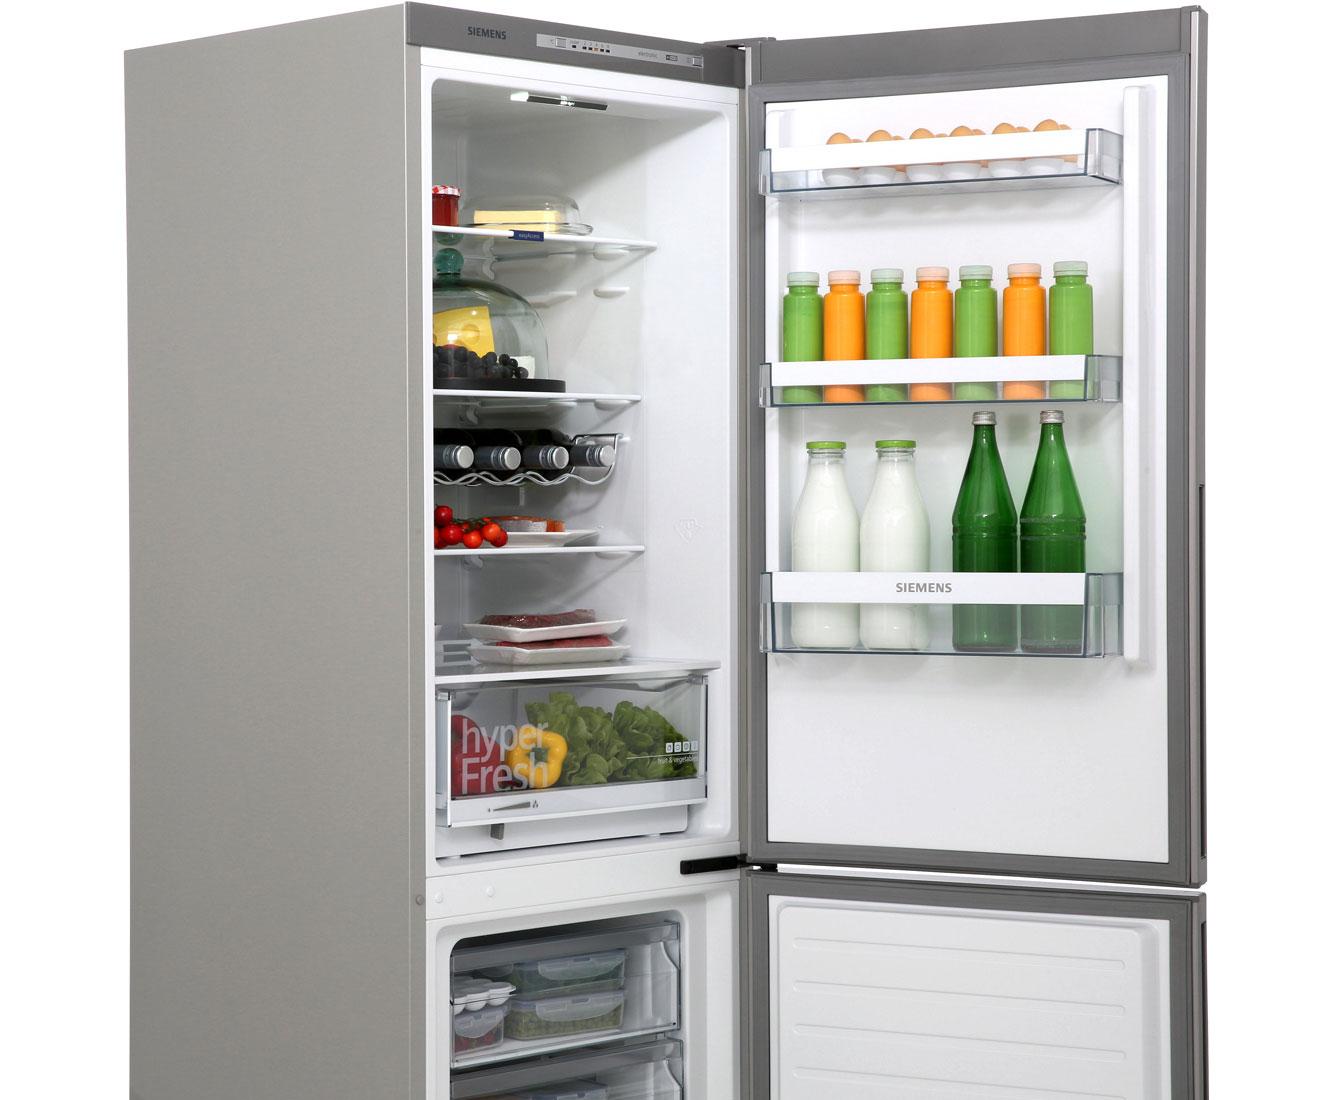 Kleiner Kühlschrank Siemens : Siemens kg36vvl32 kühl gefrierkombination 60er breite edelstahl